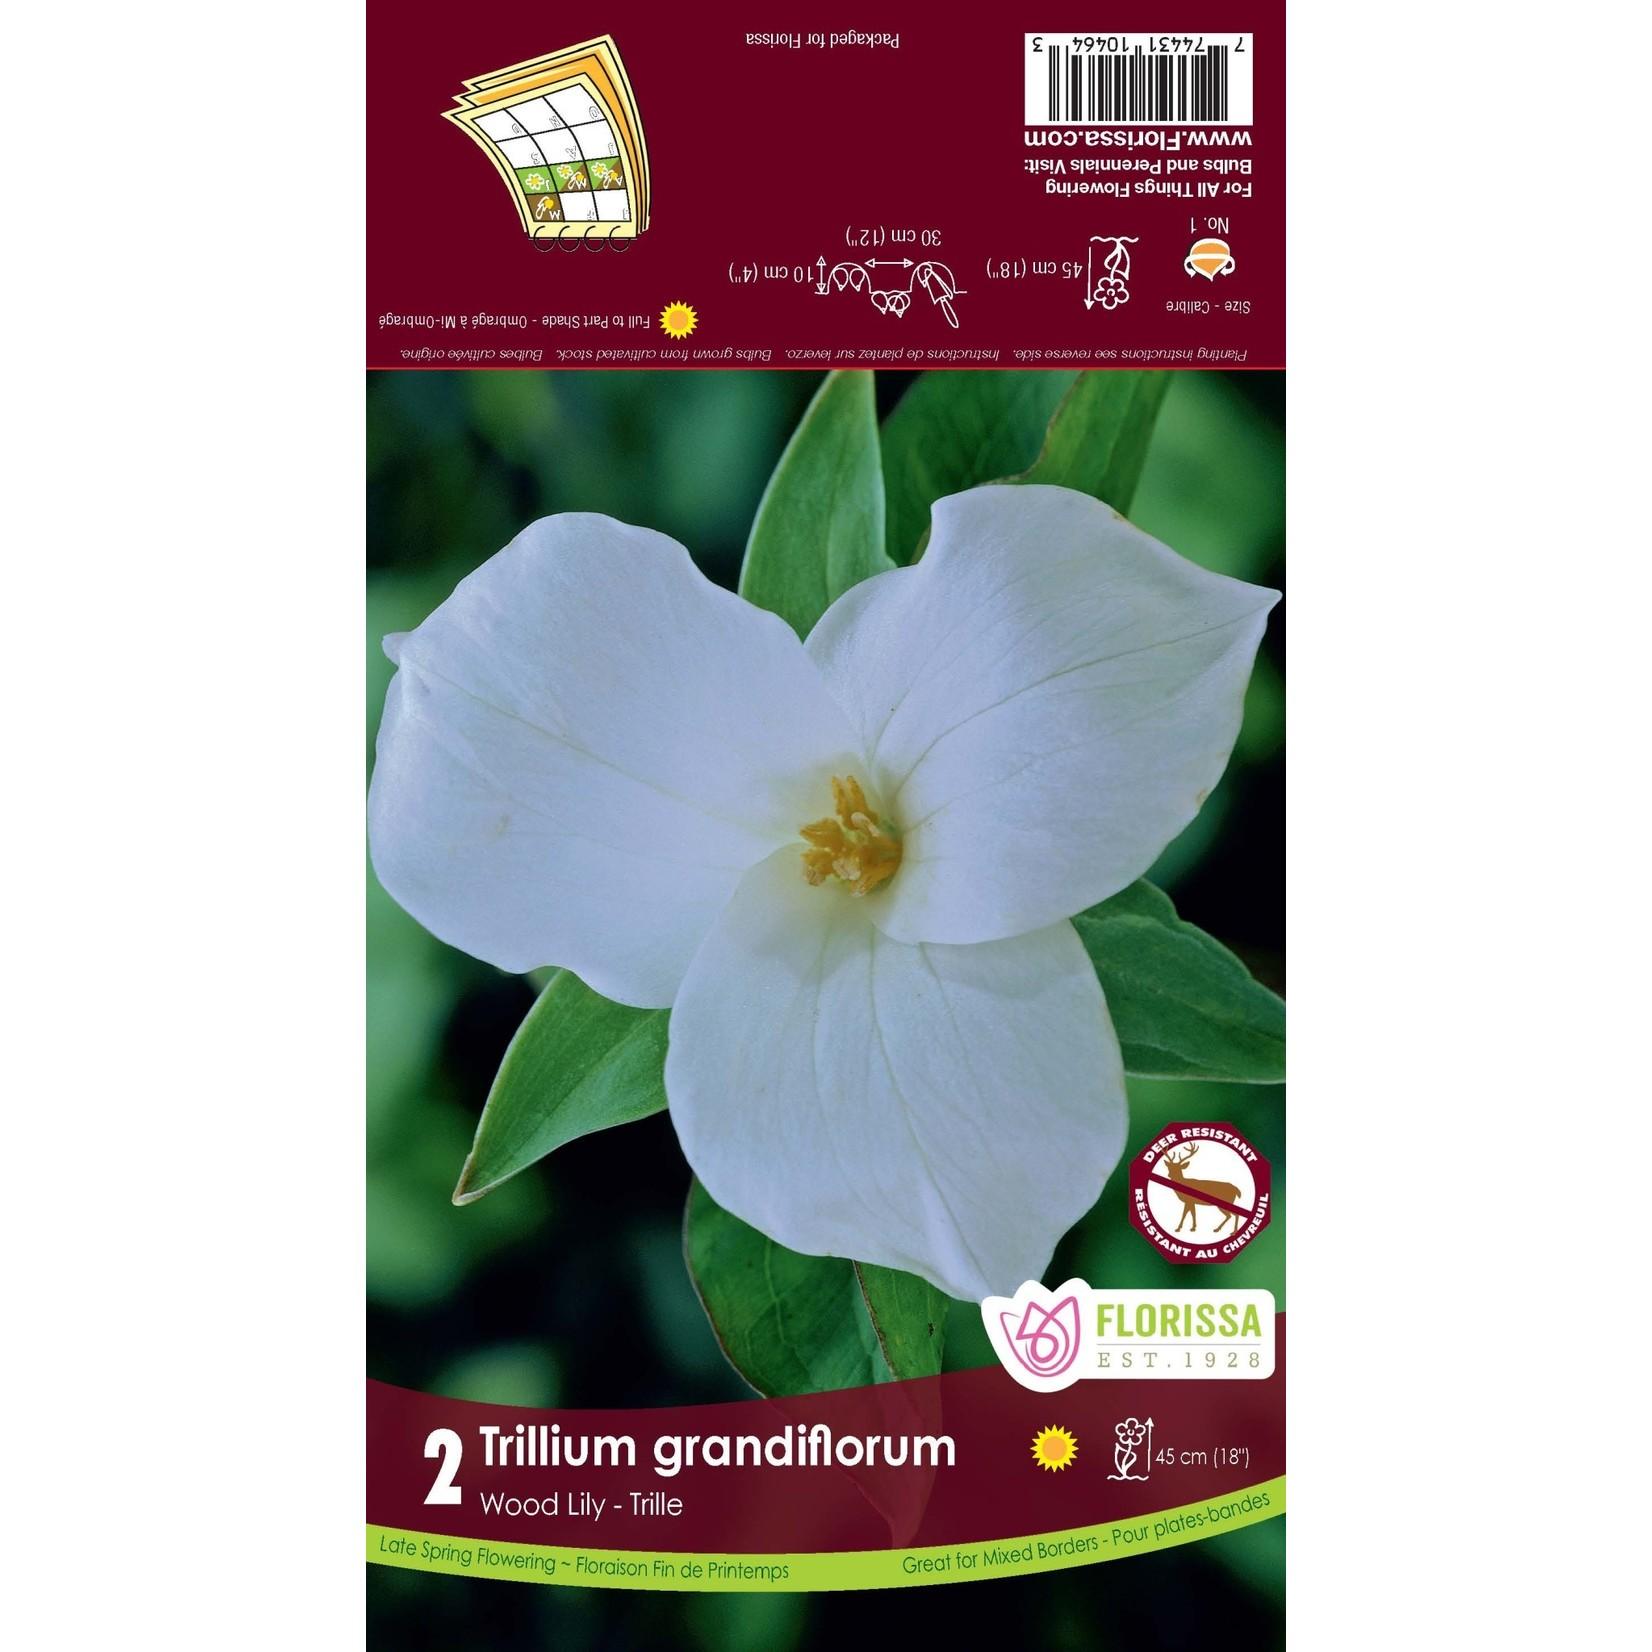 Trillium (root pkg) Grandiflorum (2 roots)